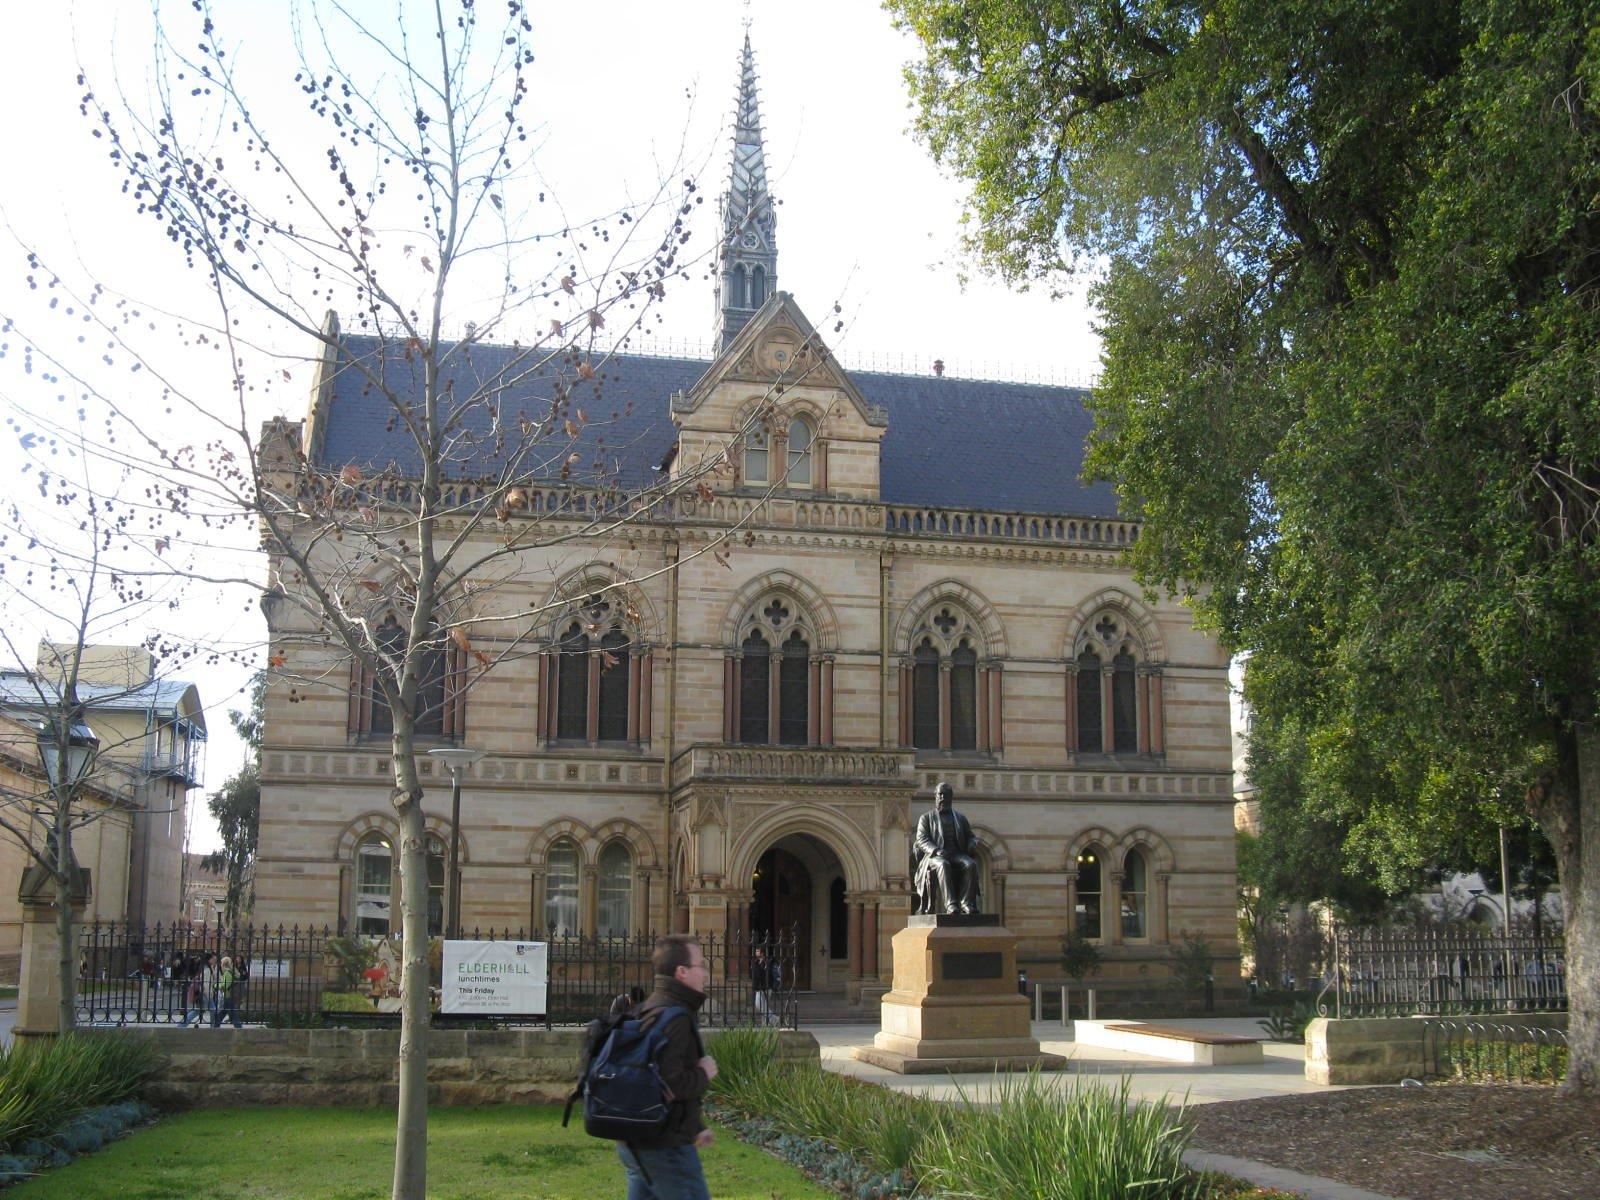 Die Universiteit van Adelaide is die oudste universiteit van Australië